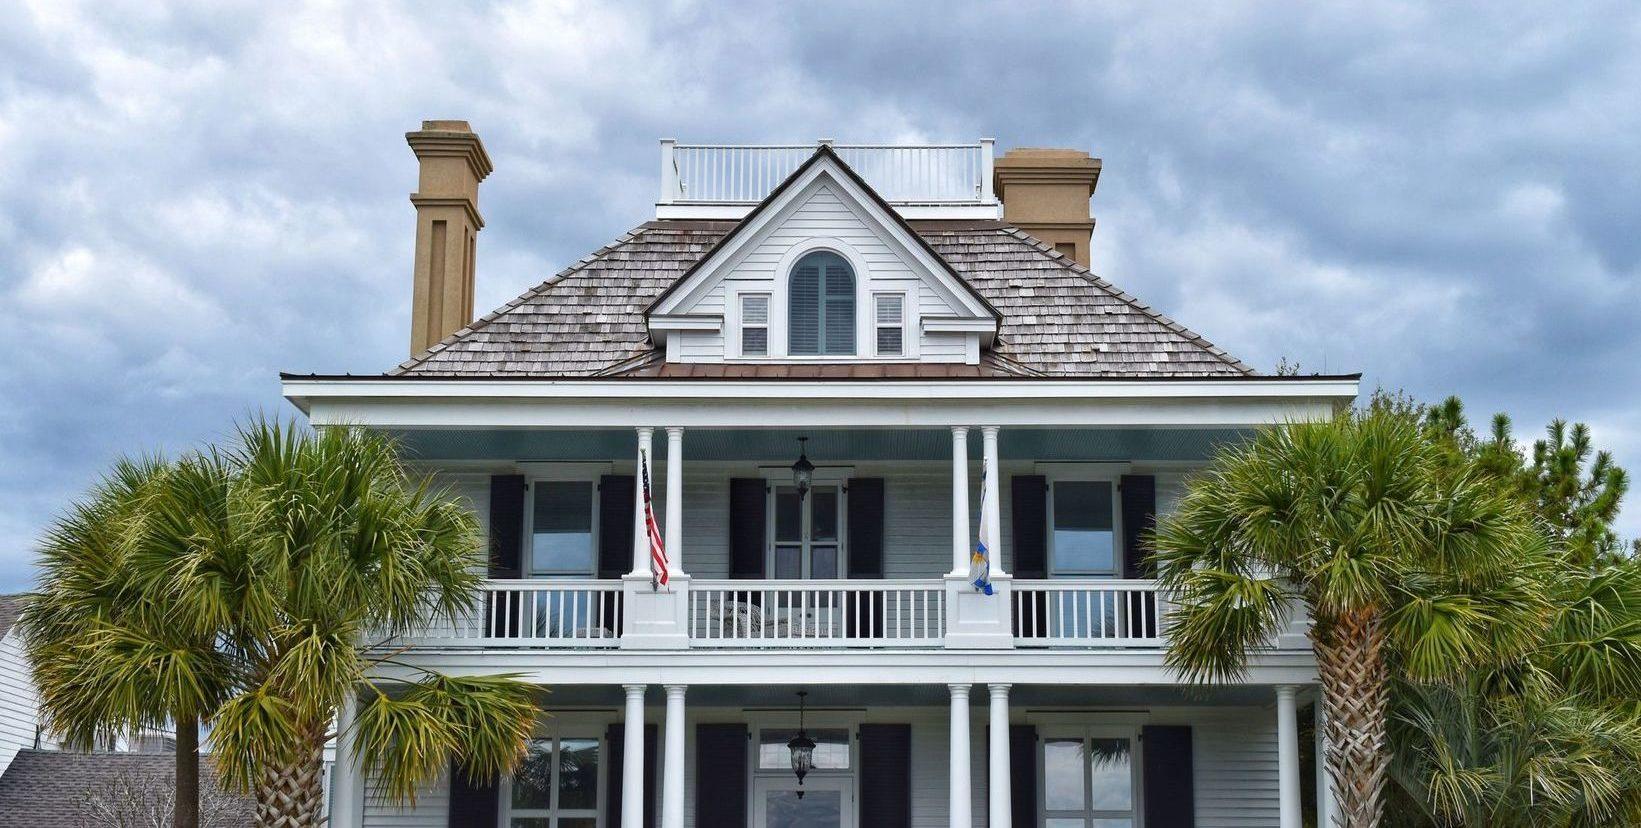 britton-perelman-front-porch-lifestyle-header-e1511845726179.jpeg